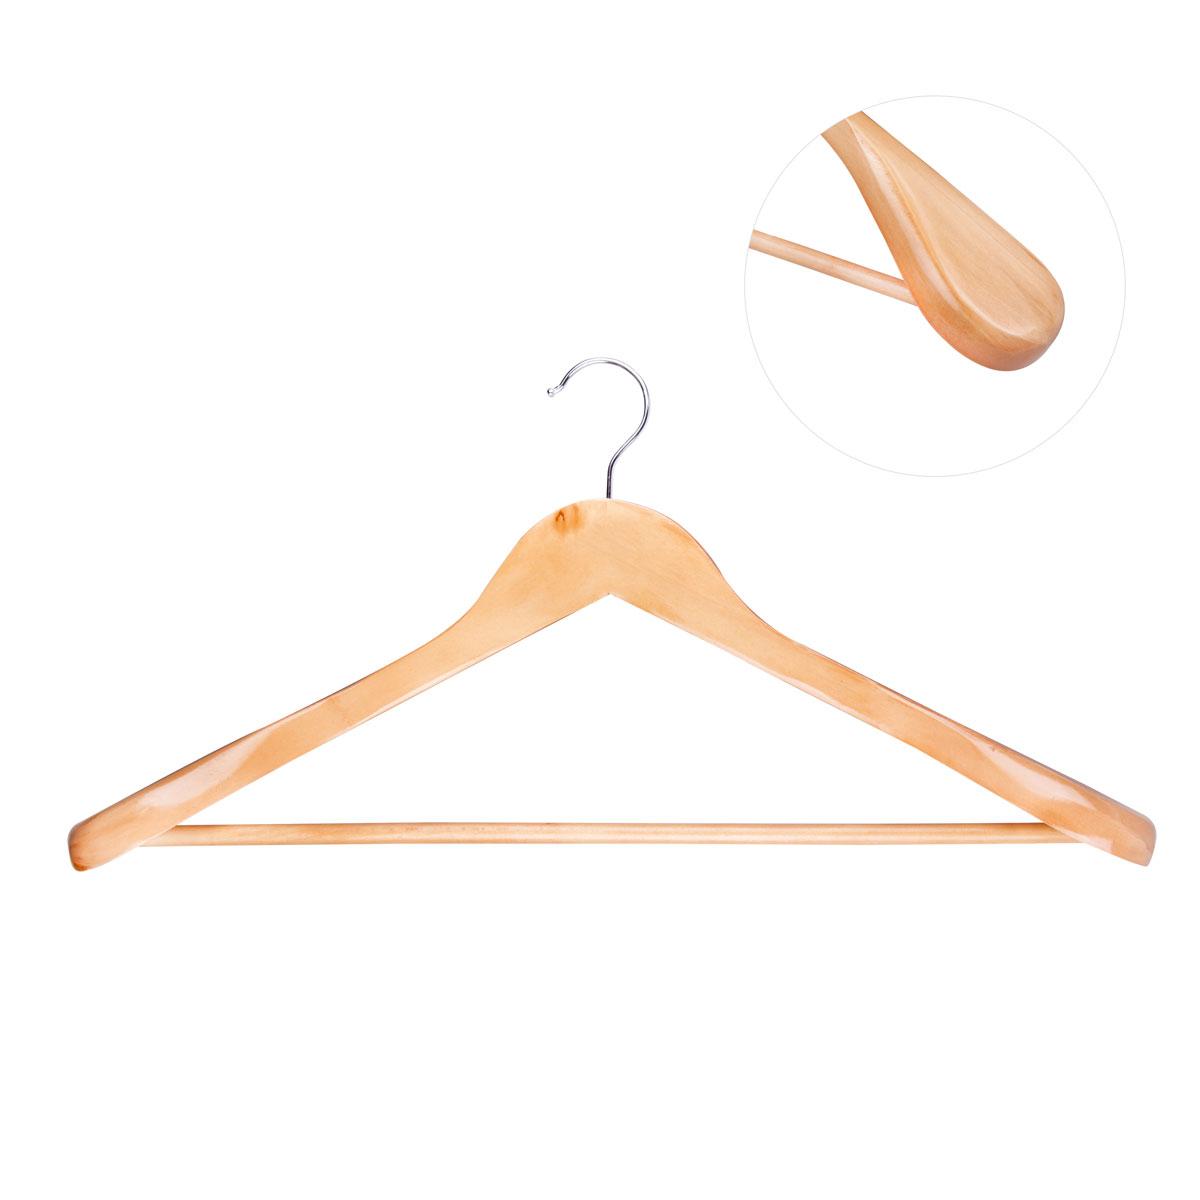 Вешалка для одежды Miolla. VM-3VM-3Универсальная вешалка для одежды Miolla выполнена из прочного дерева. Изделие оснащено перекладиной для брюк и массивными плечиками. Вешалка - это незаменимая вещь для того, чтобы ваша одежда всегда оставалась в хорошем состоянии.